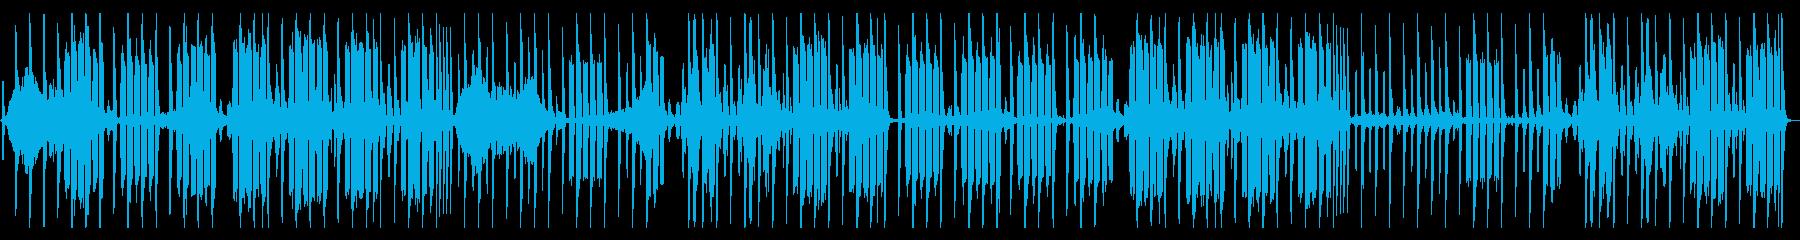 メロディーはありませんの再生済みの波形